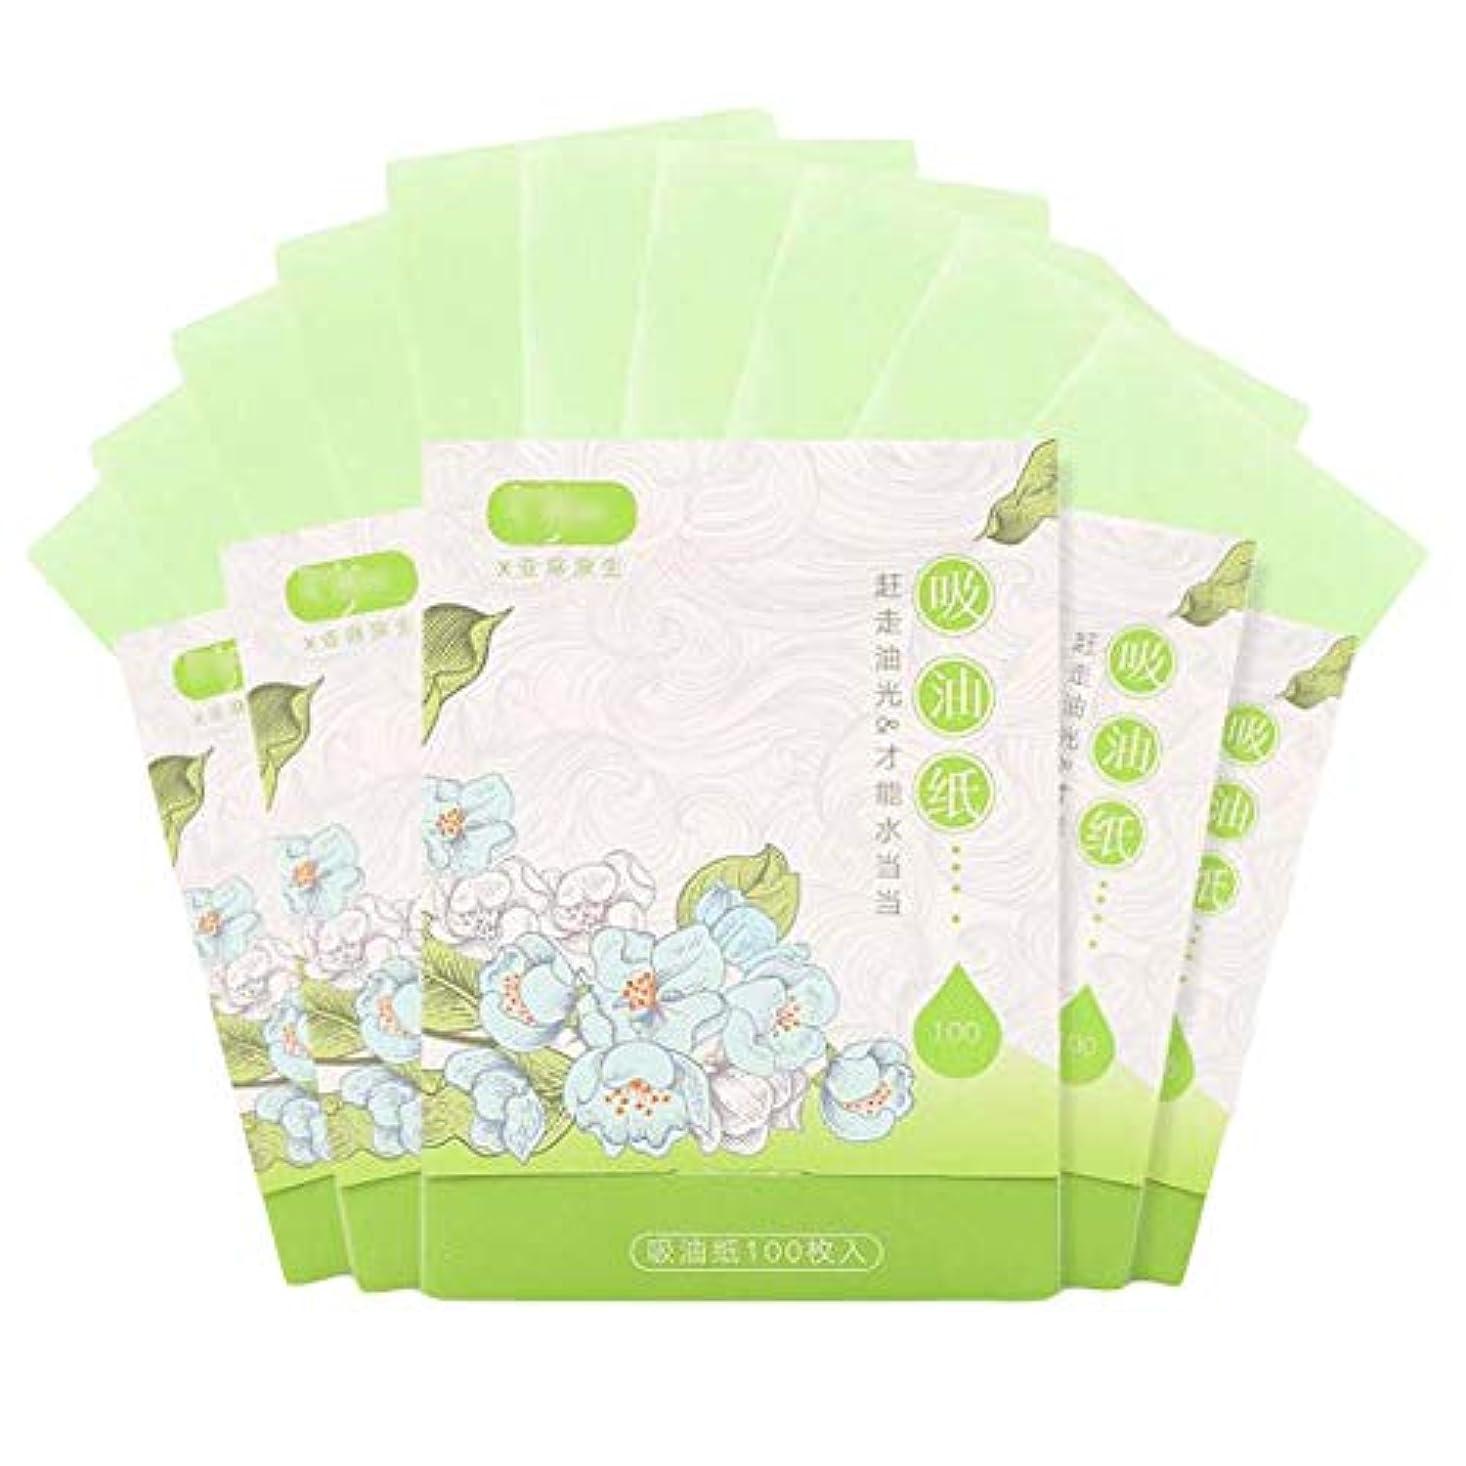 生きている手首ひばり人および女性のための携帯用顔オイルブロッティング紙、緑500枚のシート